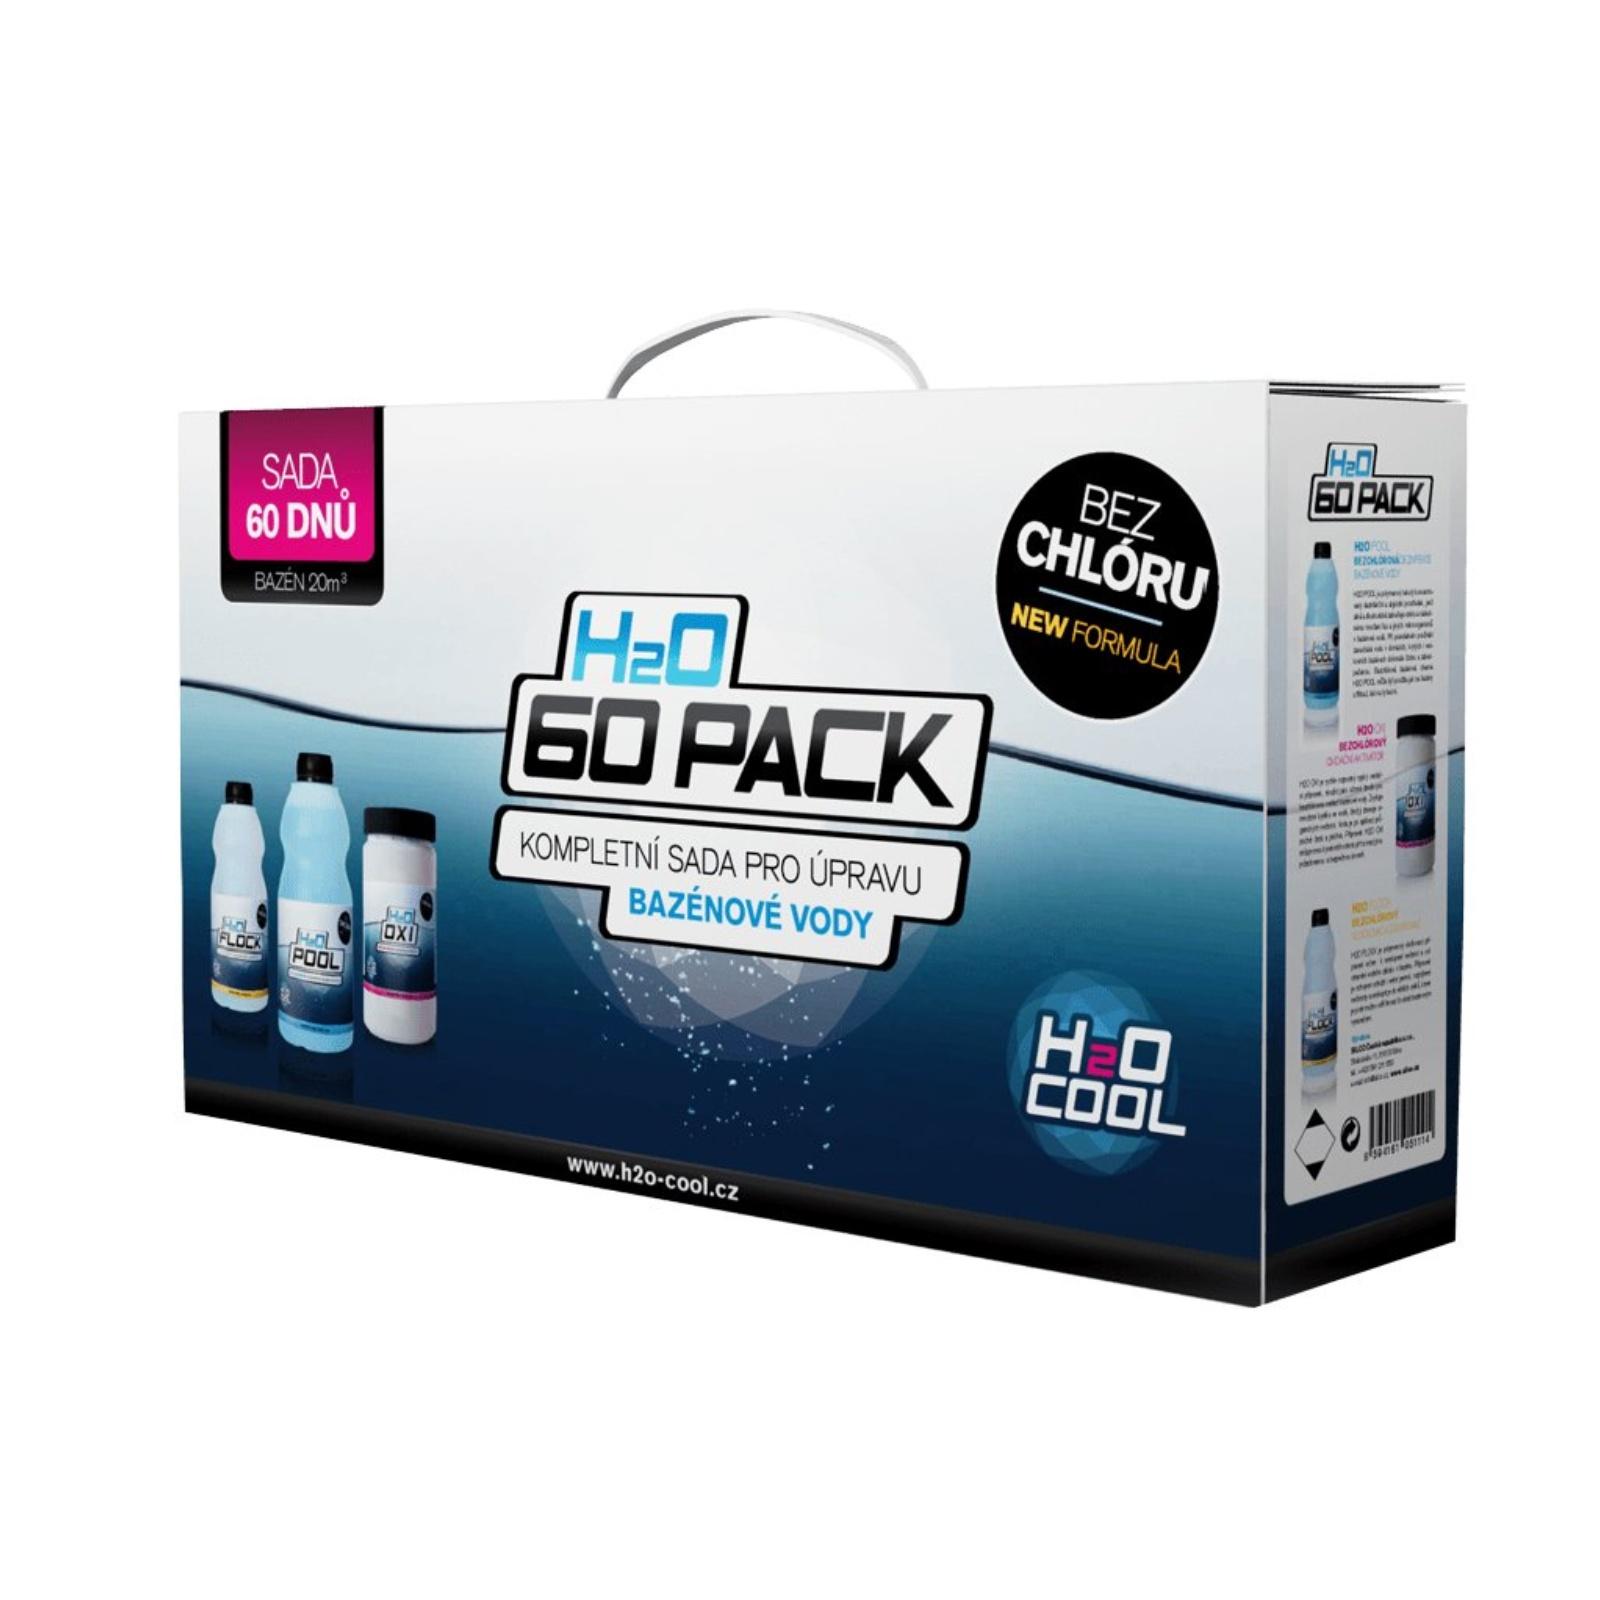 H2O 60 Pack sada